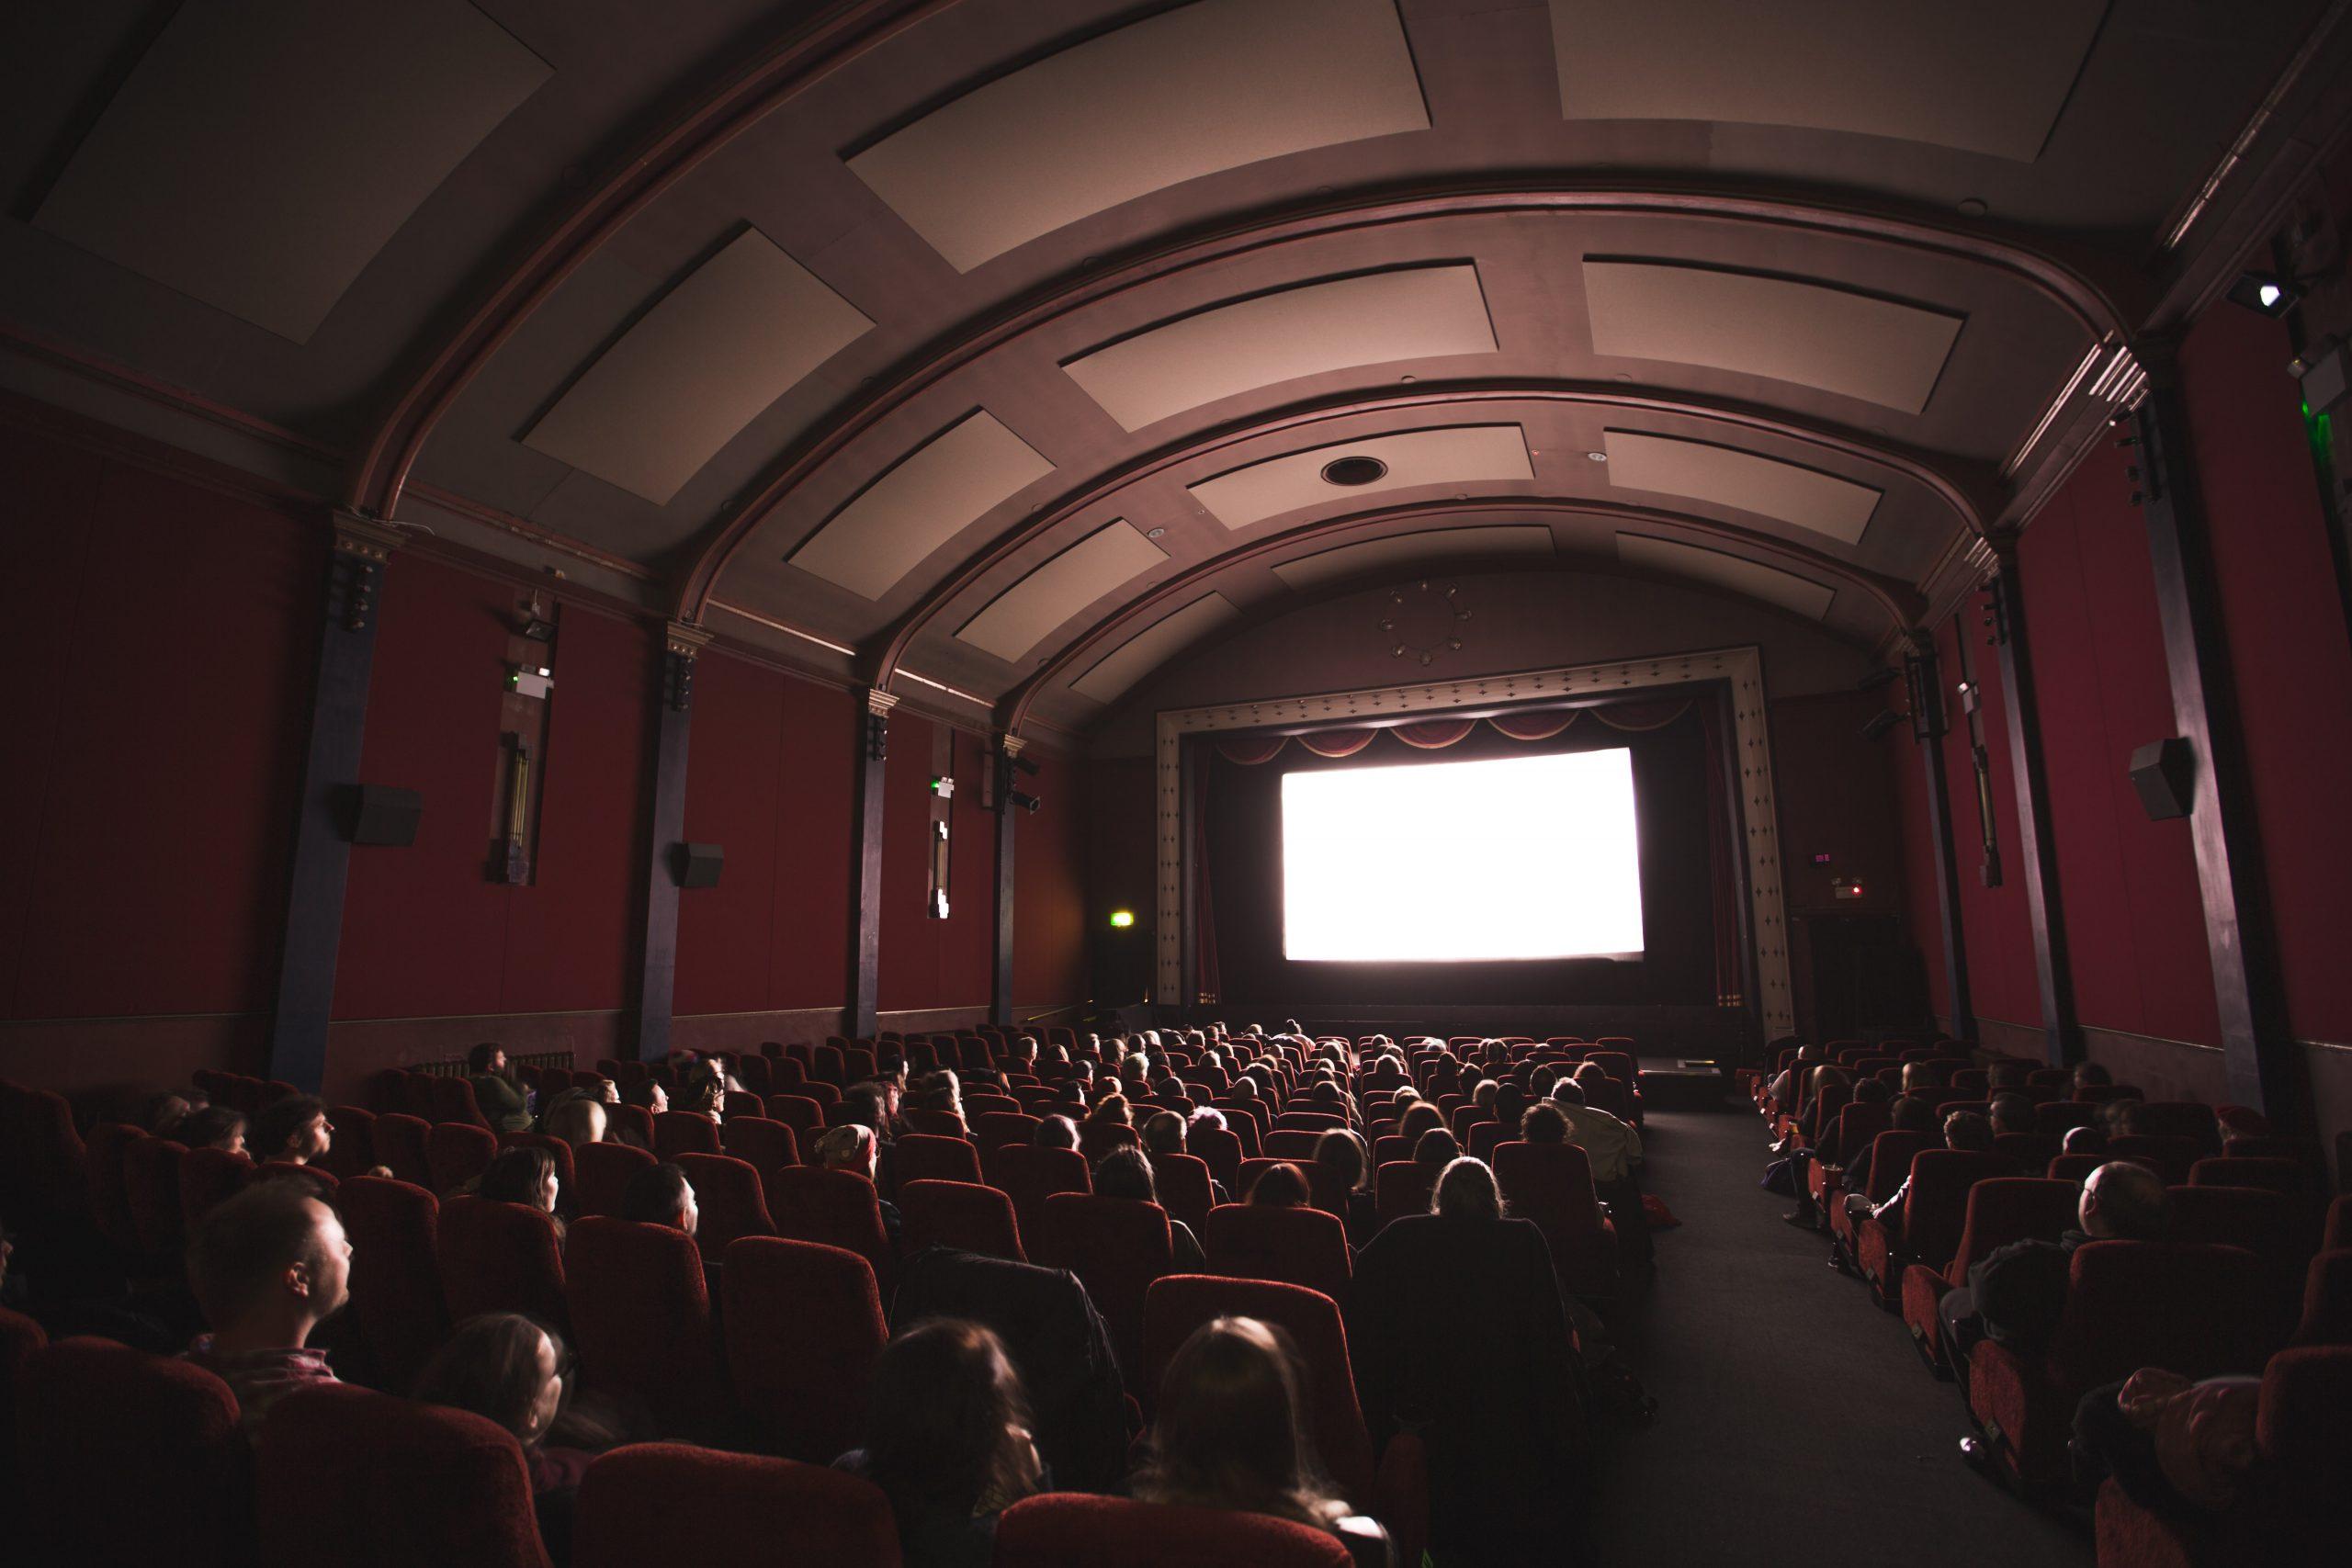 تحليل بيانات الأفلام